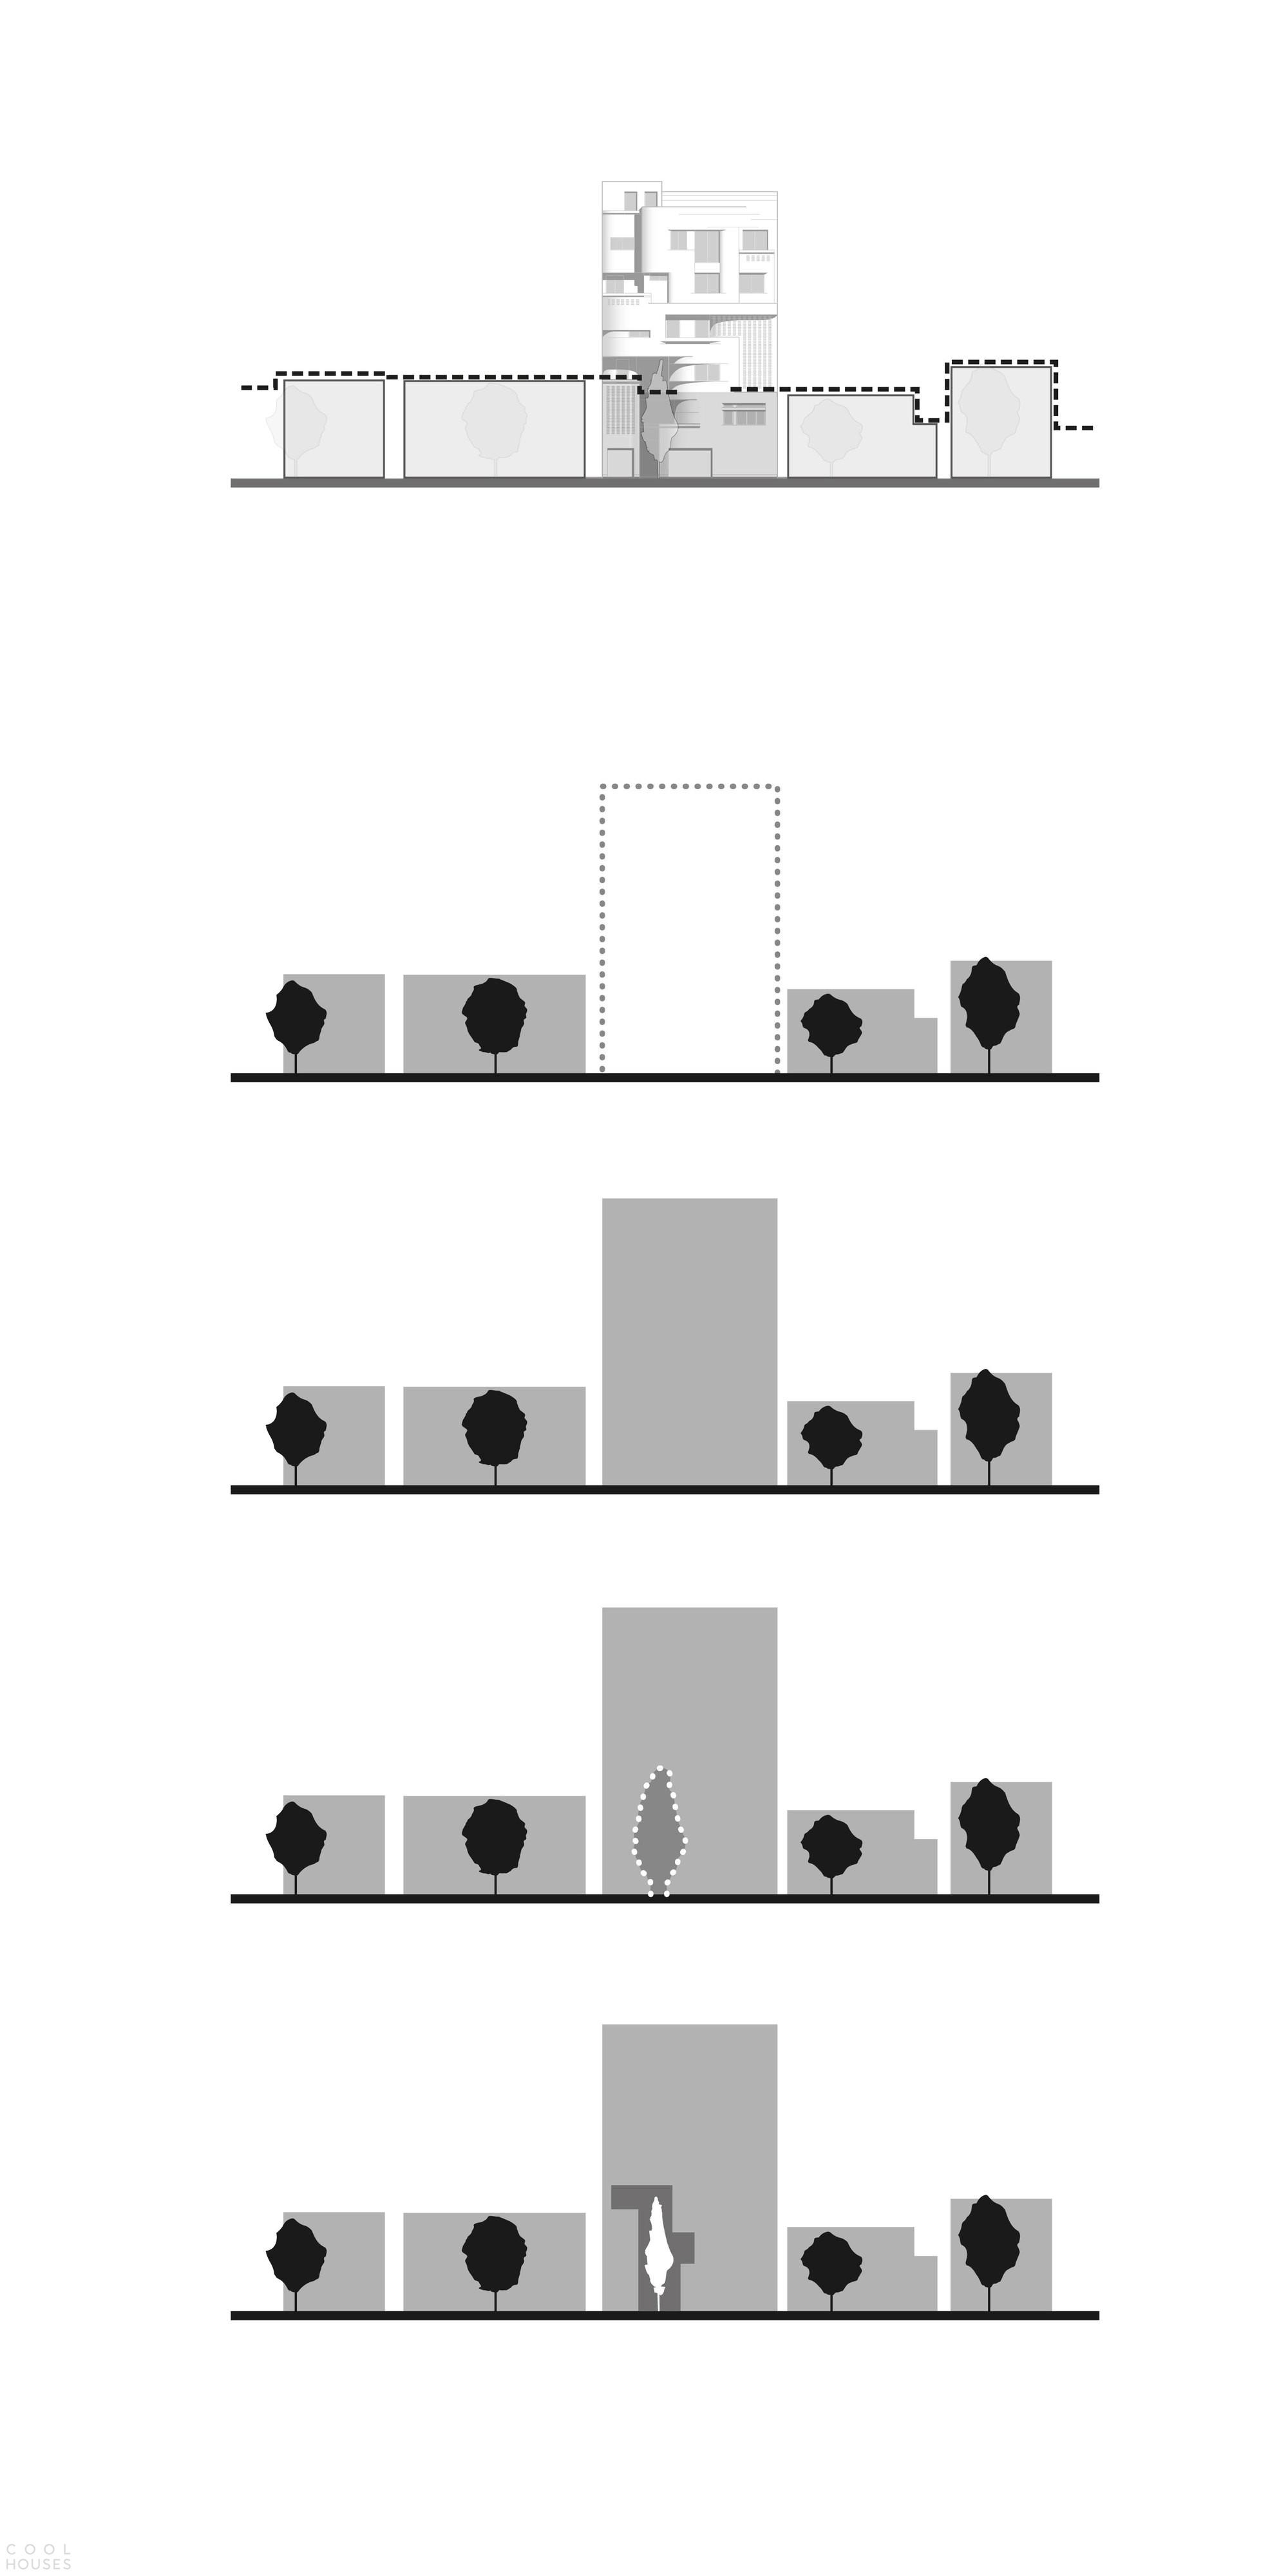 Многоквартирный жилой дом с креативными фасадами